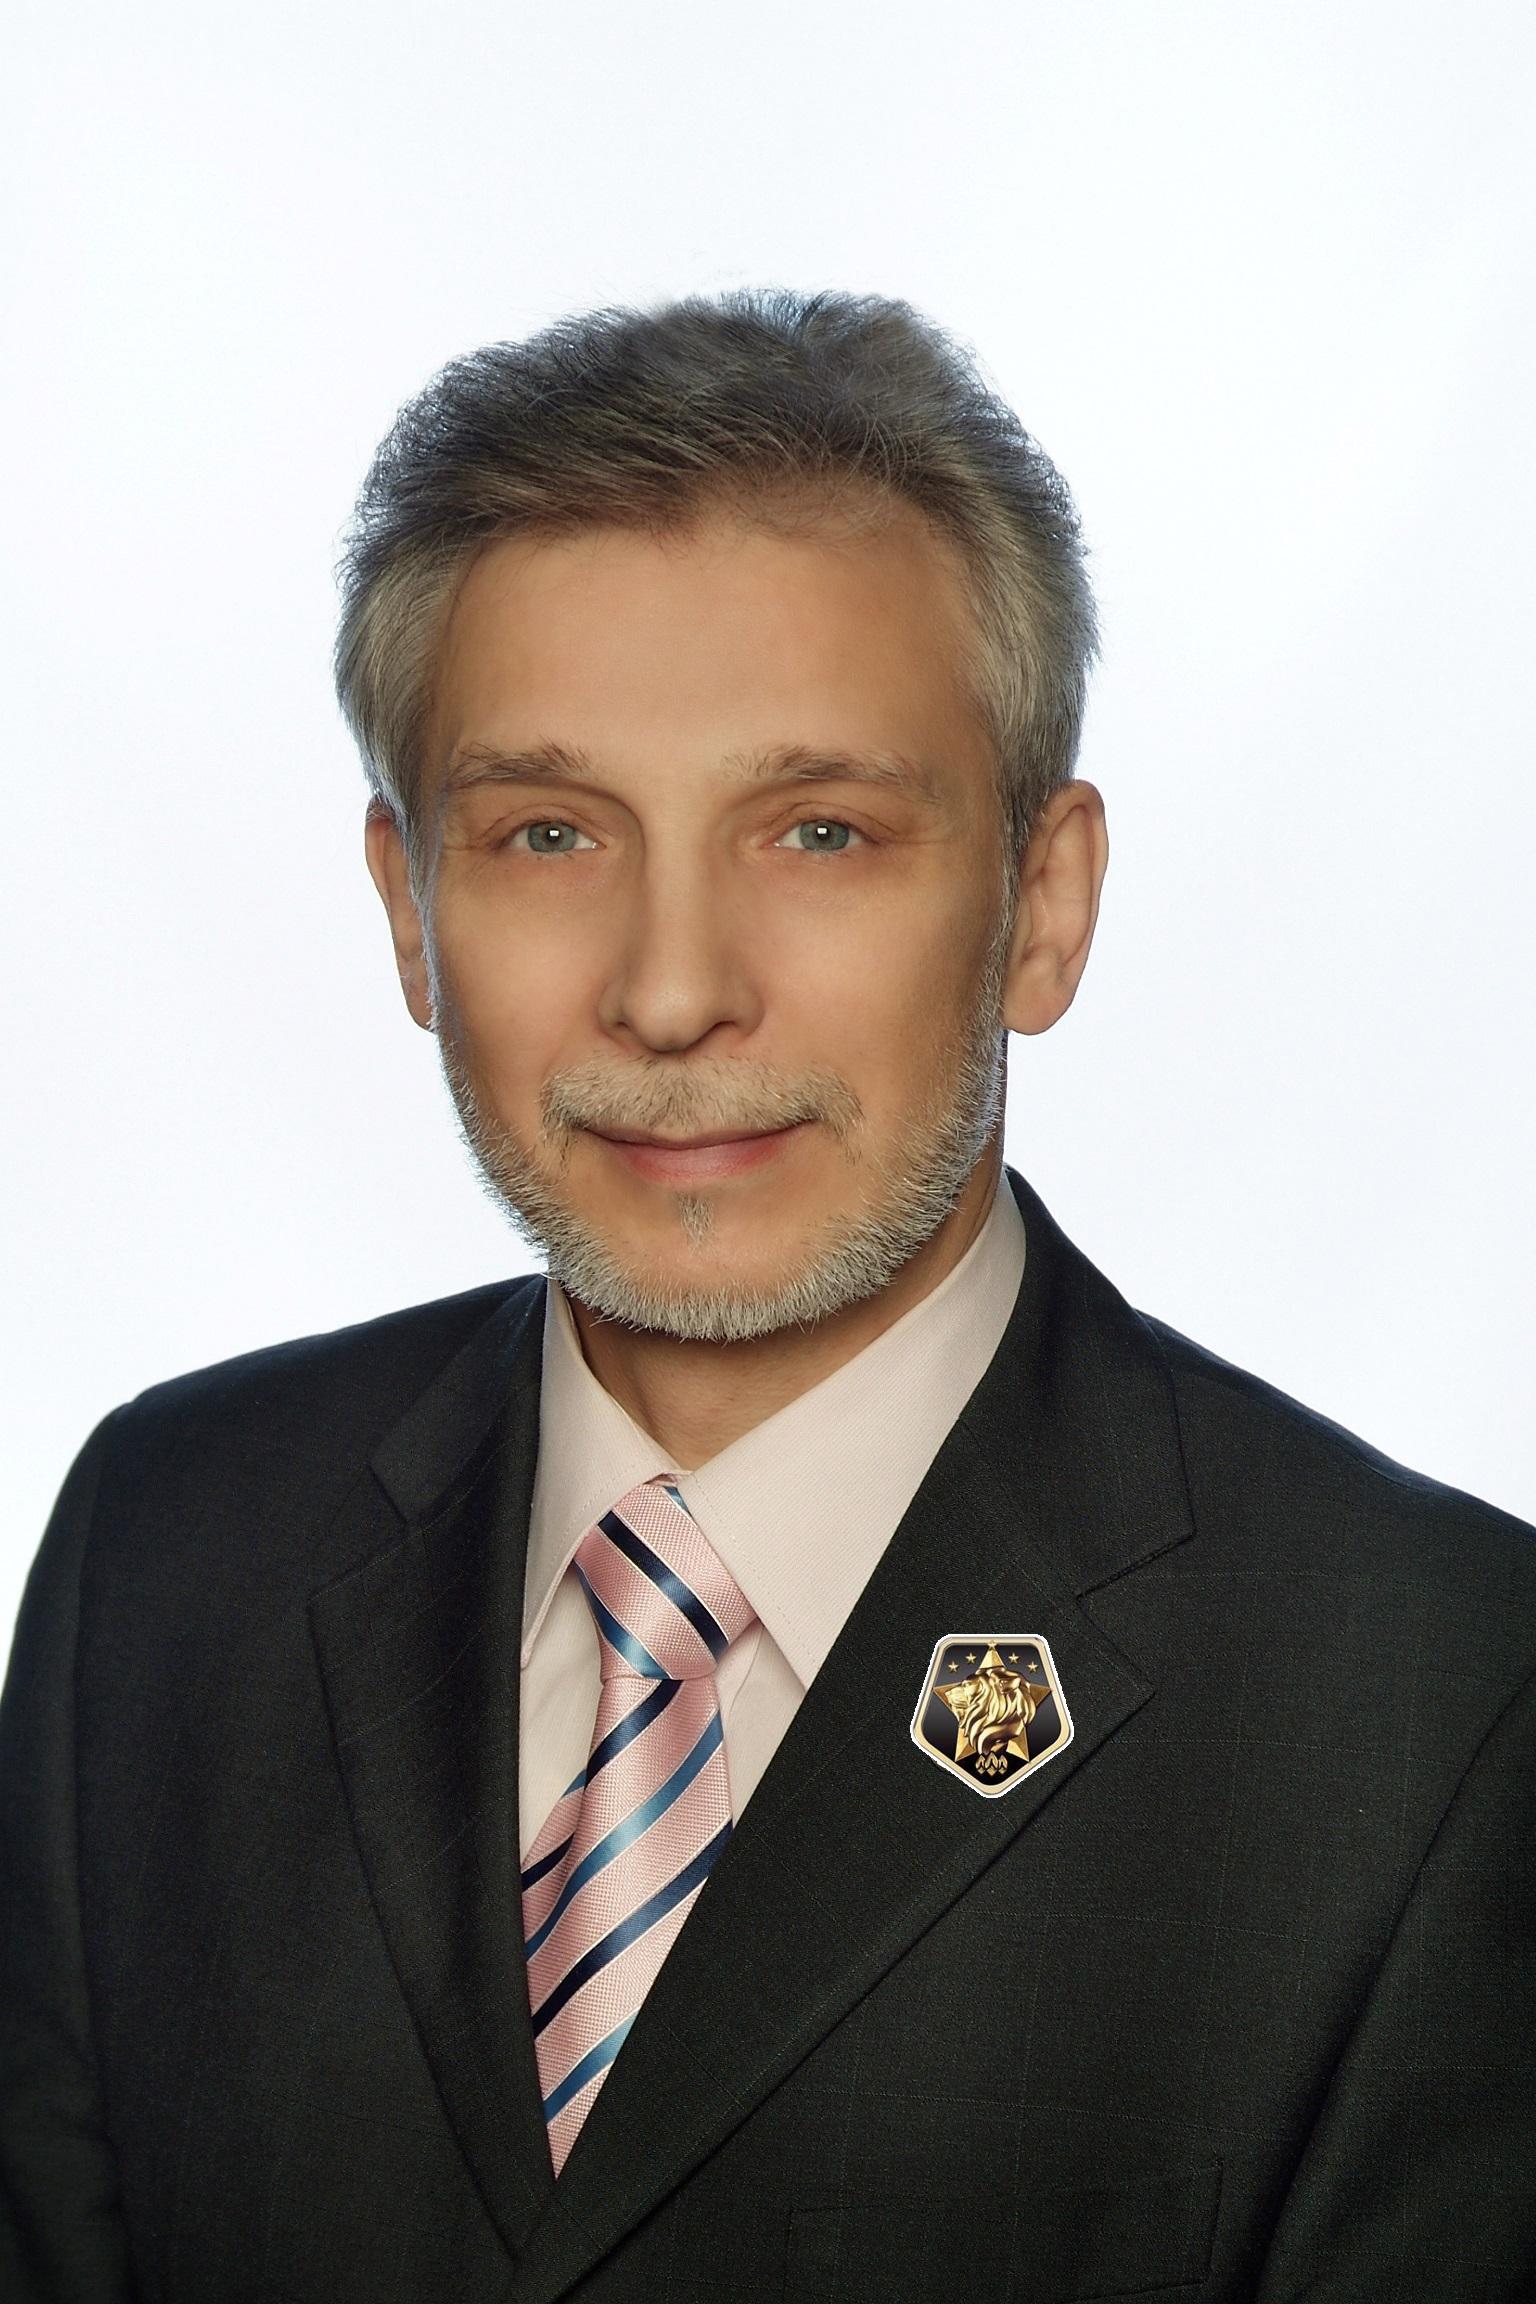 </p> <p><center>Jurijus Redkovas</center>